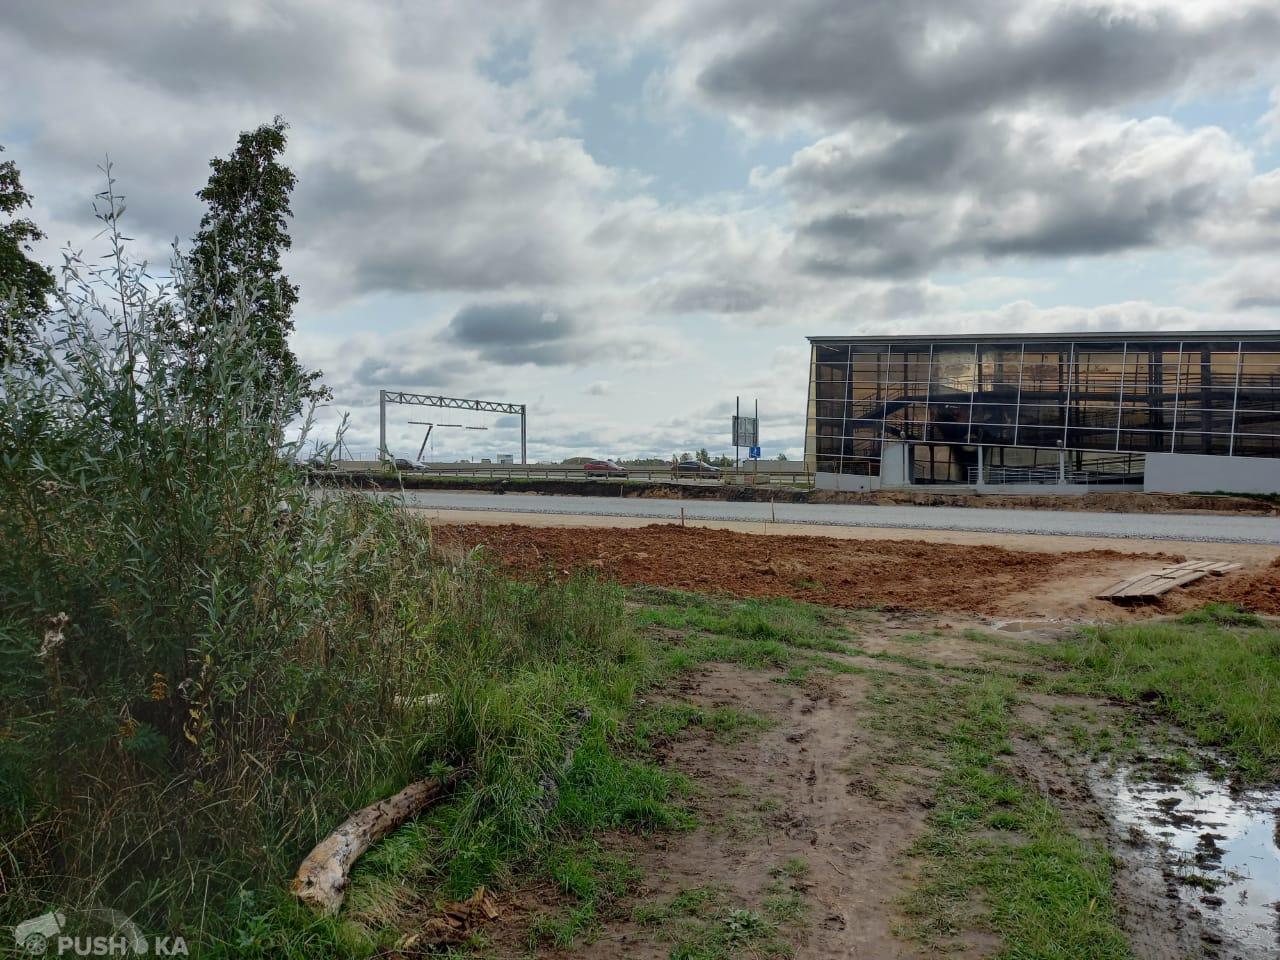 Продаётся  коммерческая земля 17.1 сот. за 6 700 000 руб